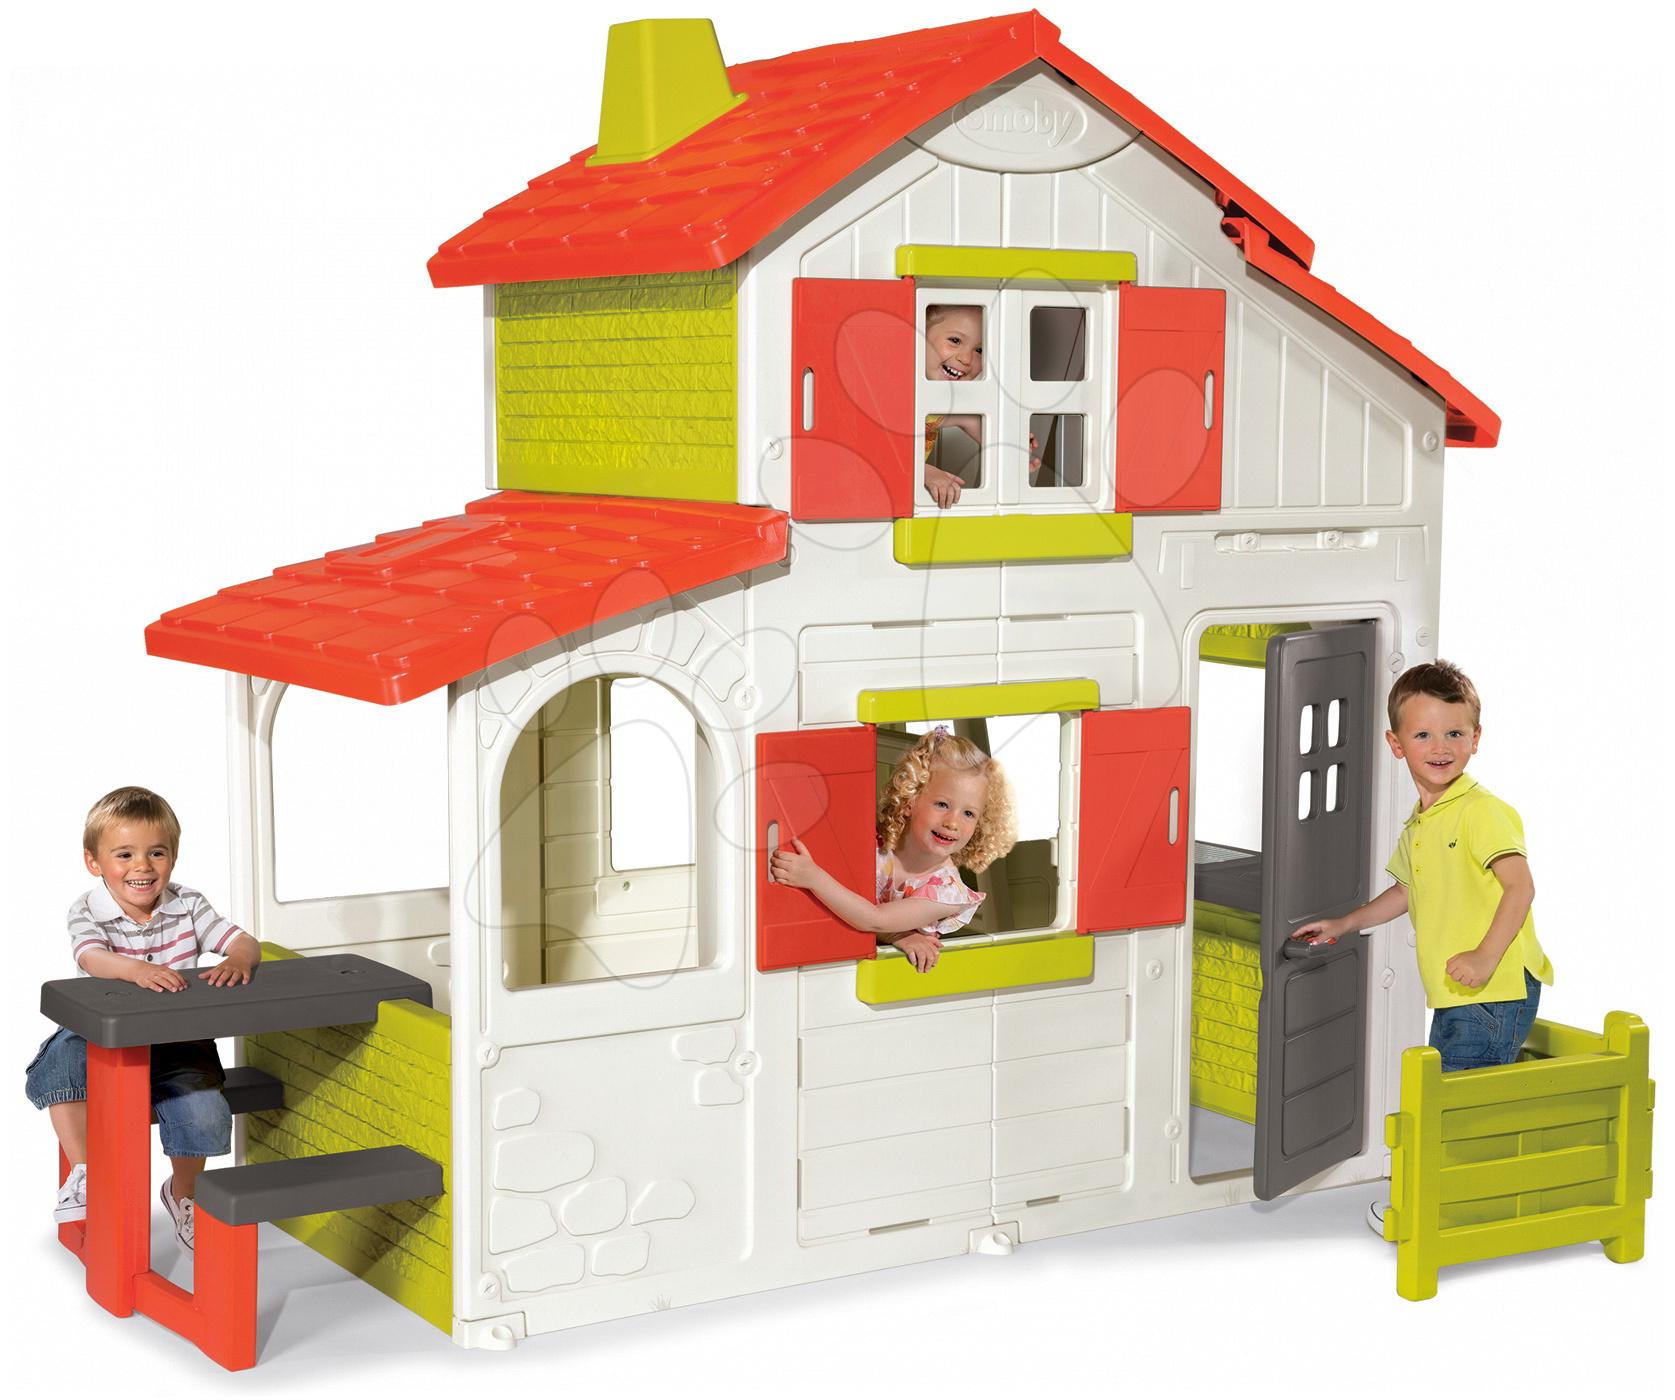 Domčeky pre deti - Domček Maison Duplex Smoby dvojposchodový s kuchynkou